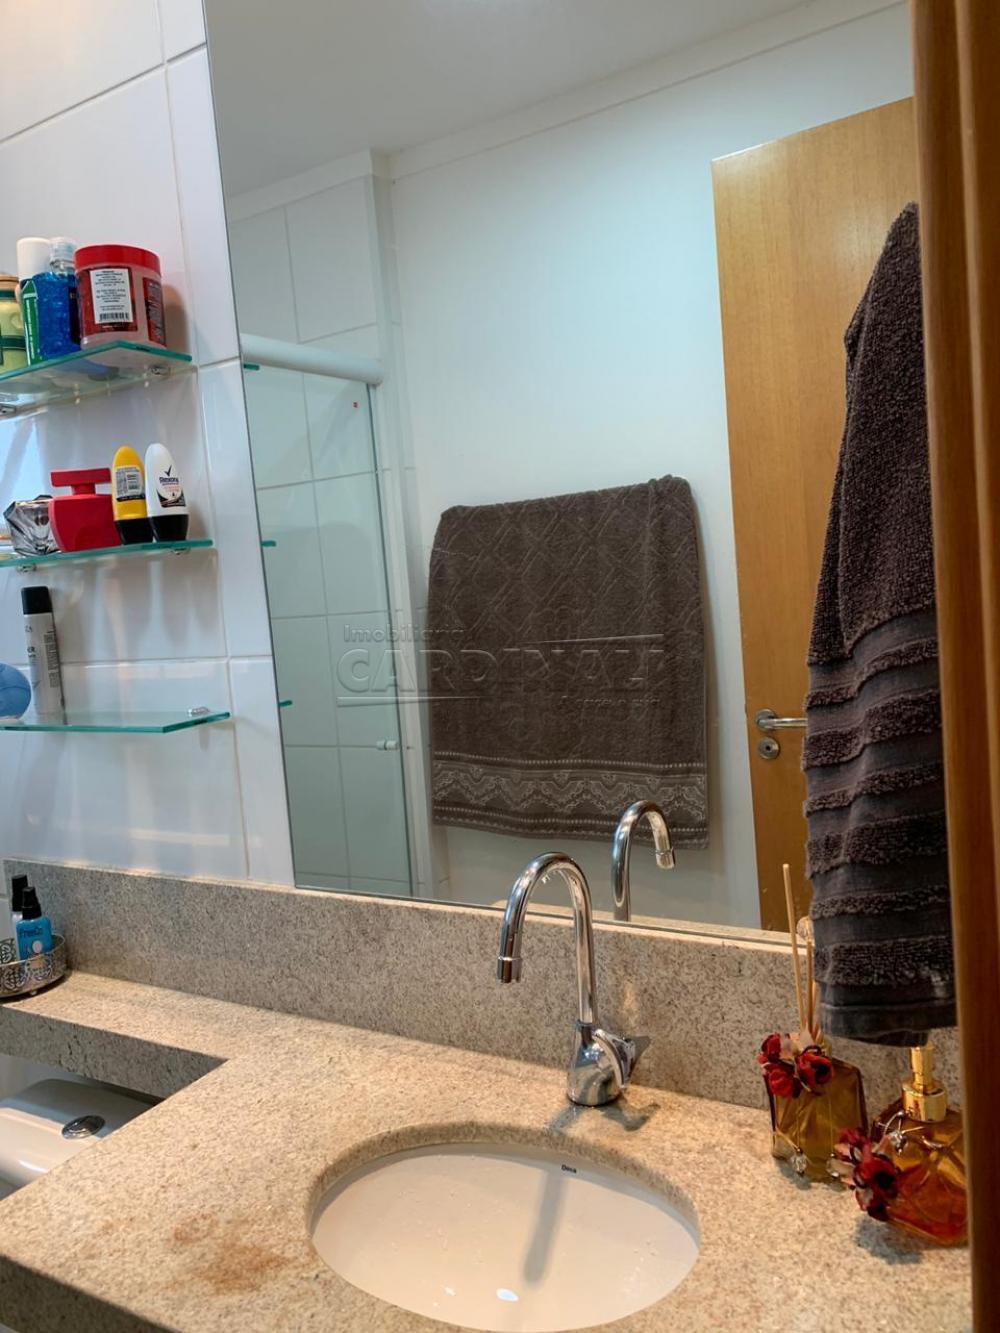 Comprar Apartamento / Padrão em São Carlos apenas R$ 455.000,00 - Foto 19